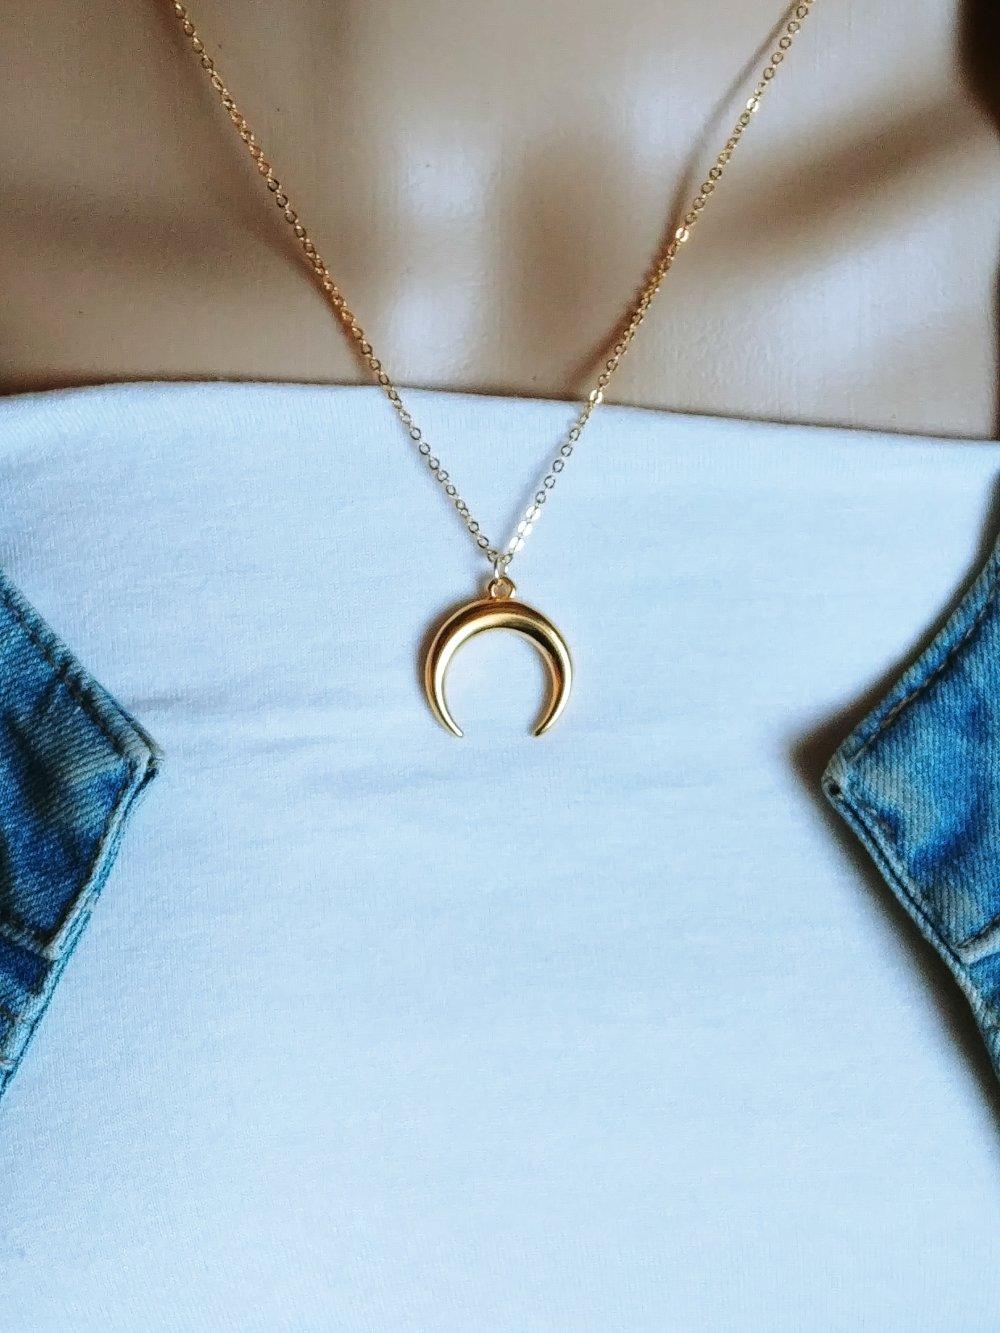 Collier lune or, collier demi lune, ras de cou, collier femme, idée cadeau femme